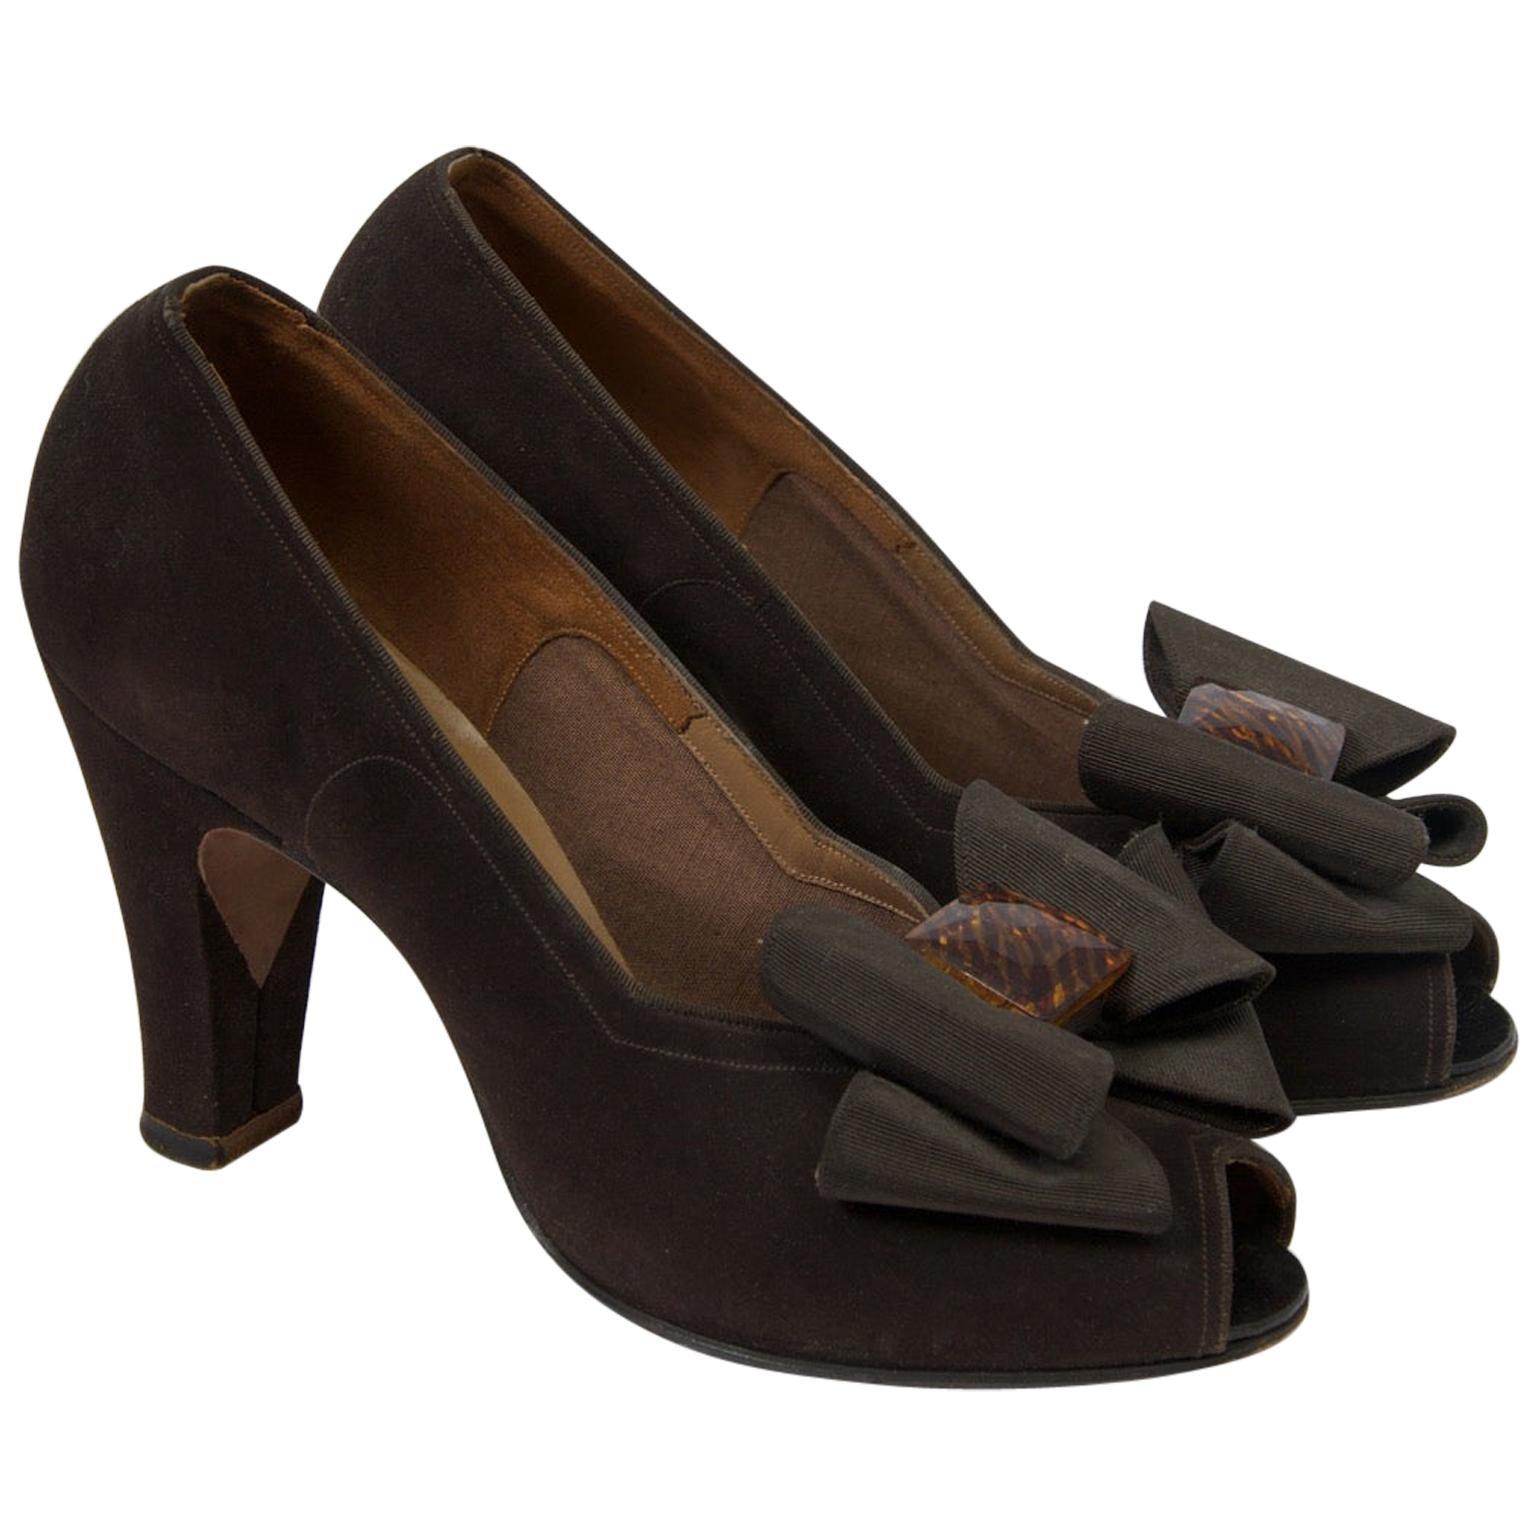 Delman Brown Suede Open-Toe Shoes, c.1950